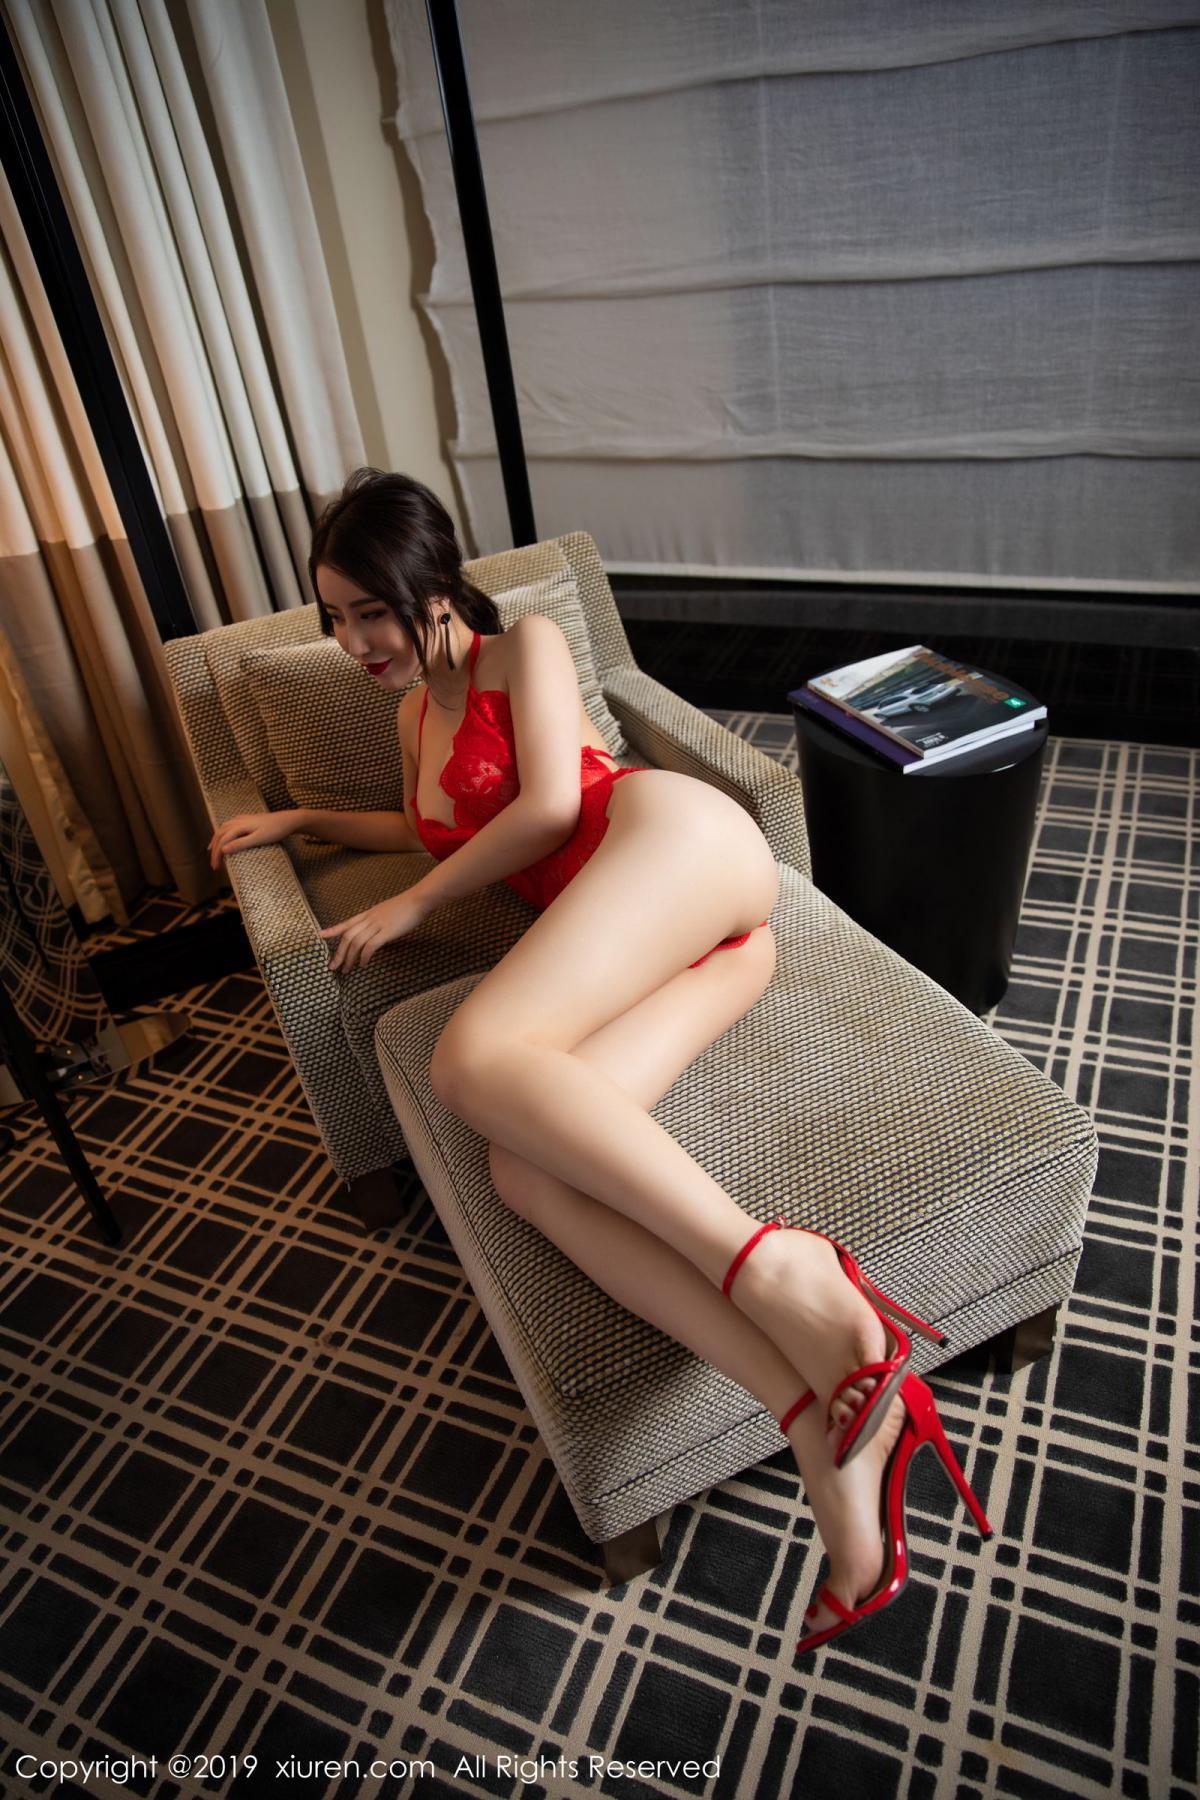 [XiuRen] Vol.1589 Xie Zhi Xin 12P, Sexy, Underwear, Xie Zhi Xin, Xiuren